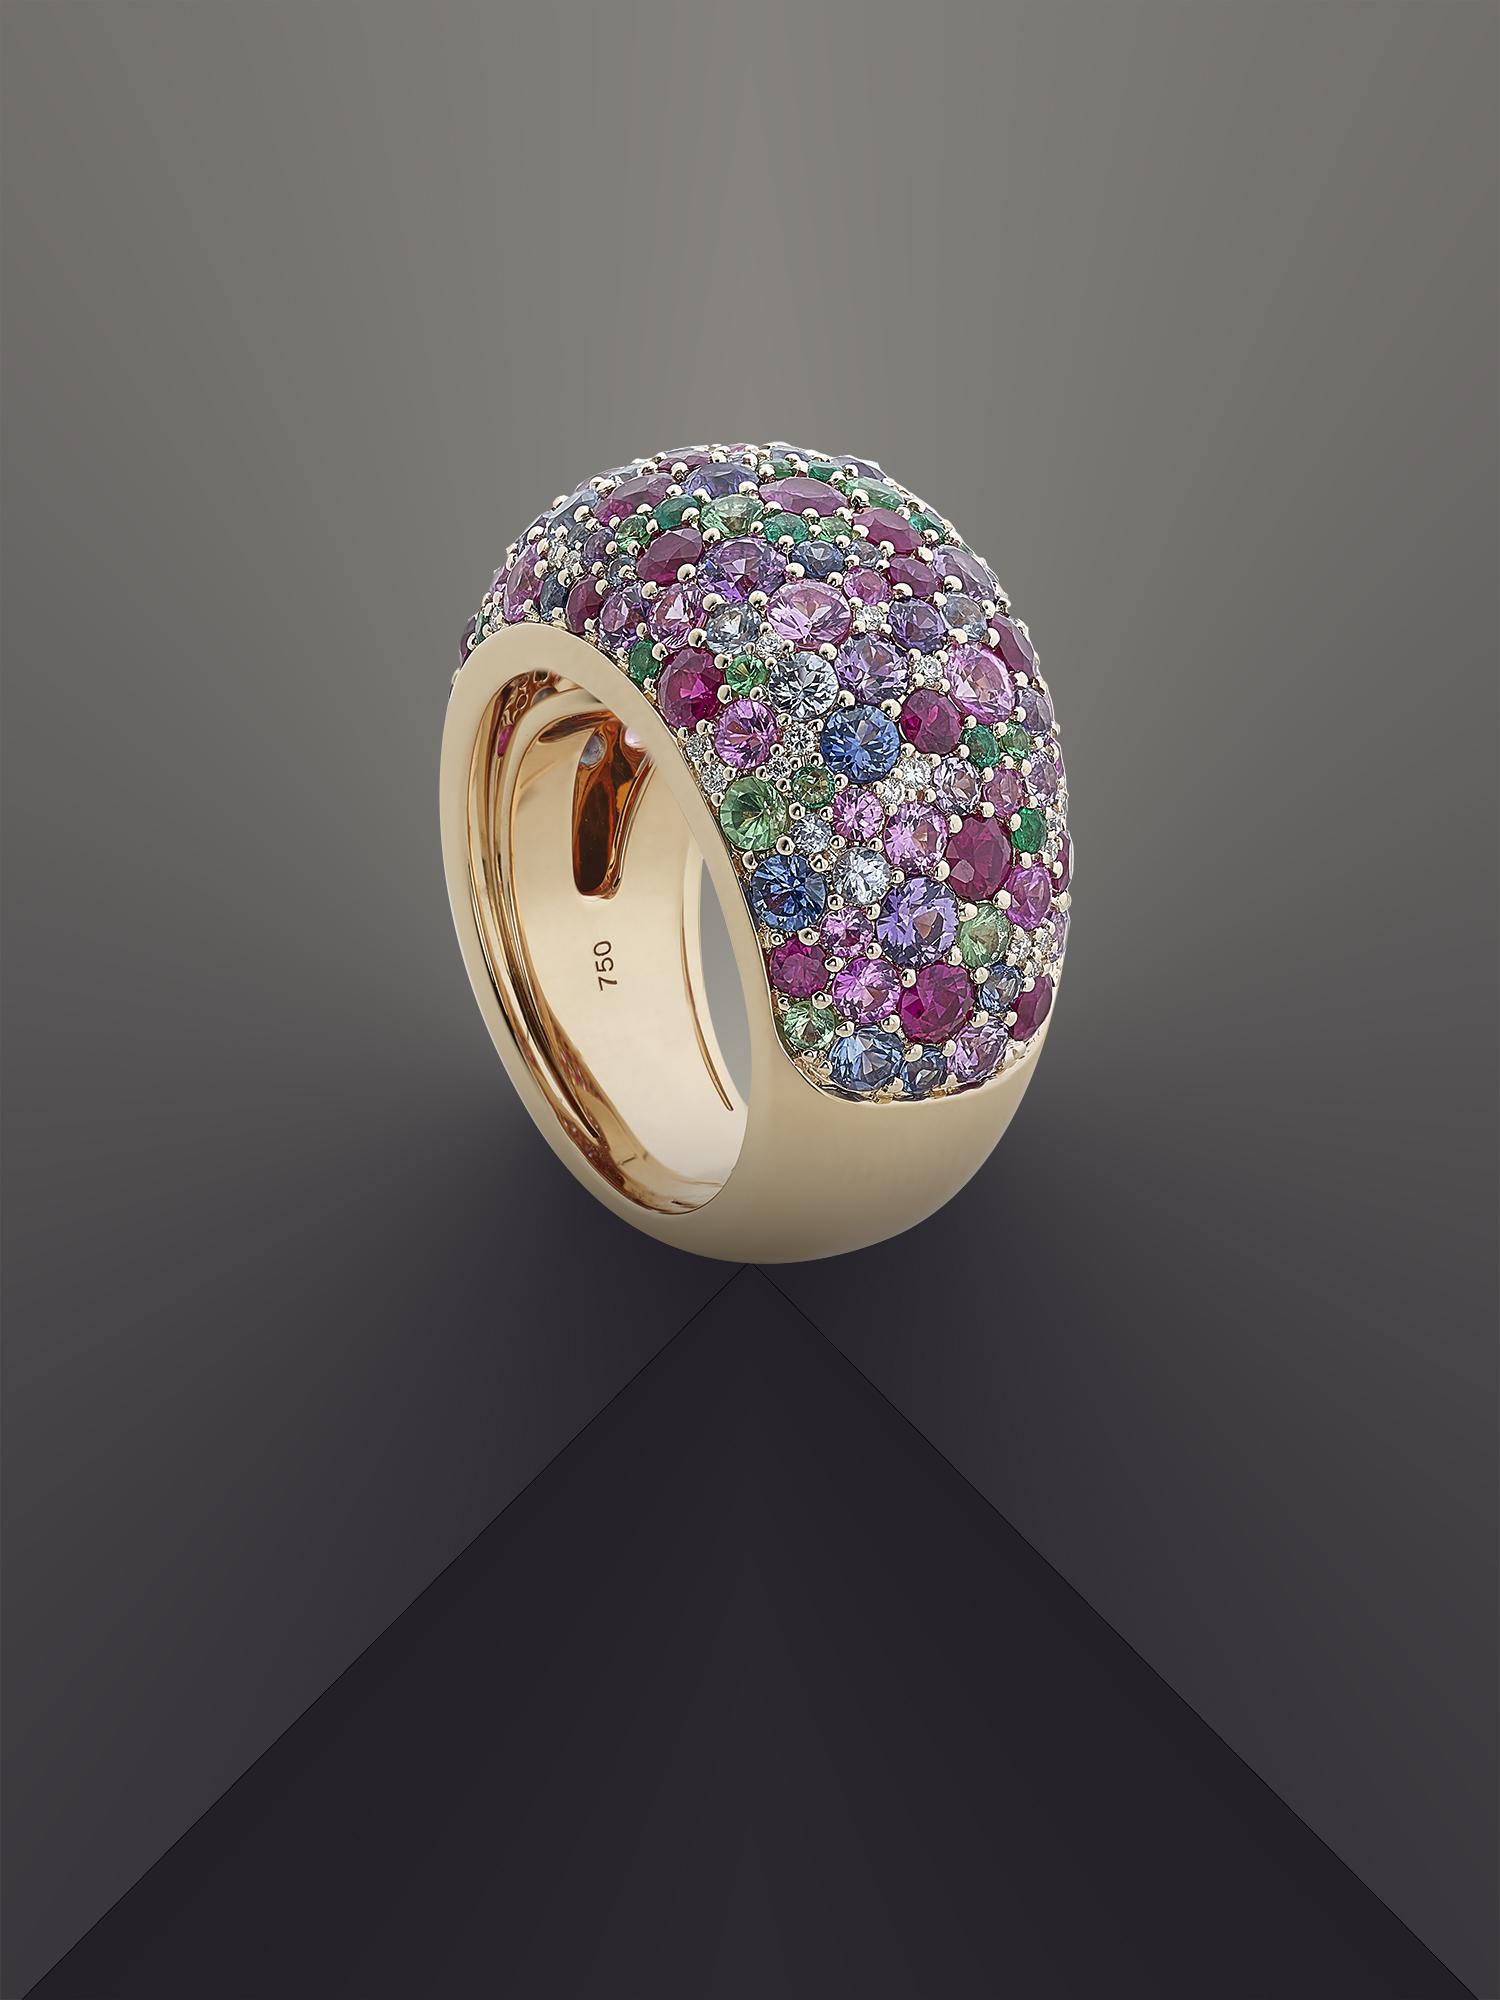 image d'une bague boule sertie de diamants de couleur